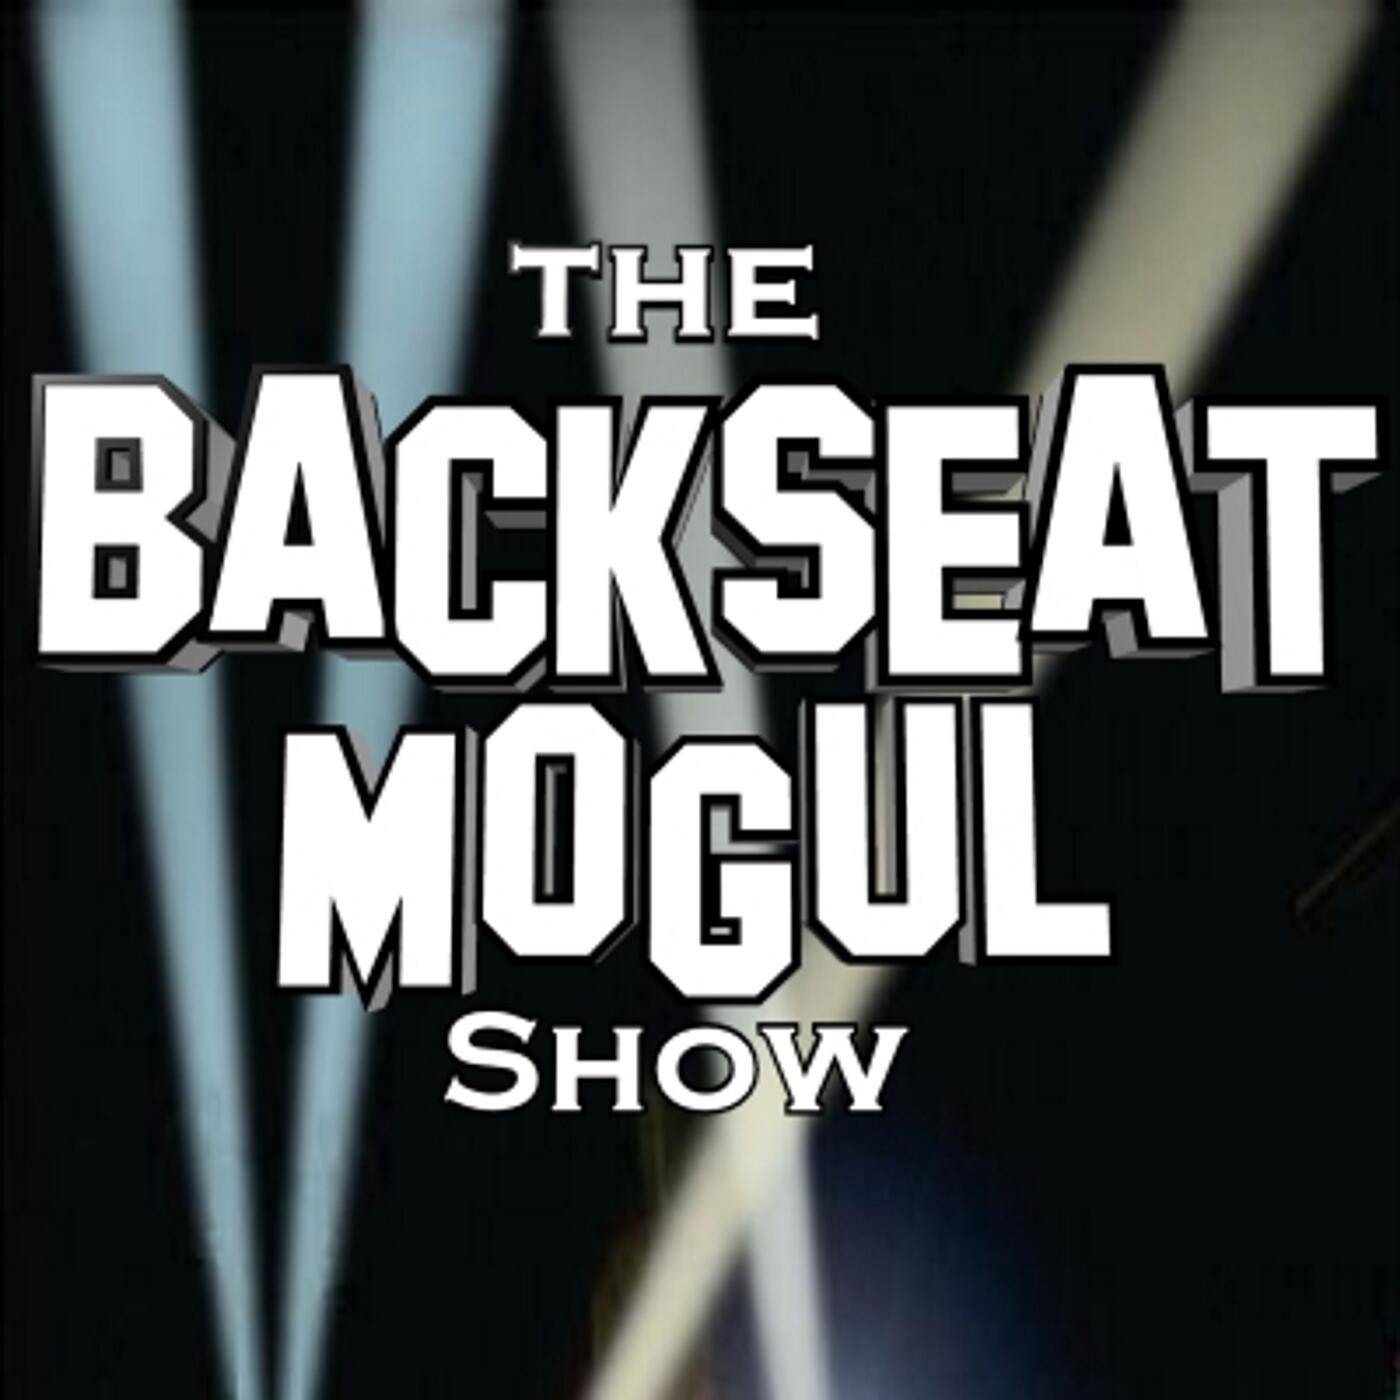 The Backseat Mogul Show